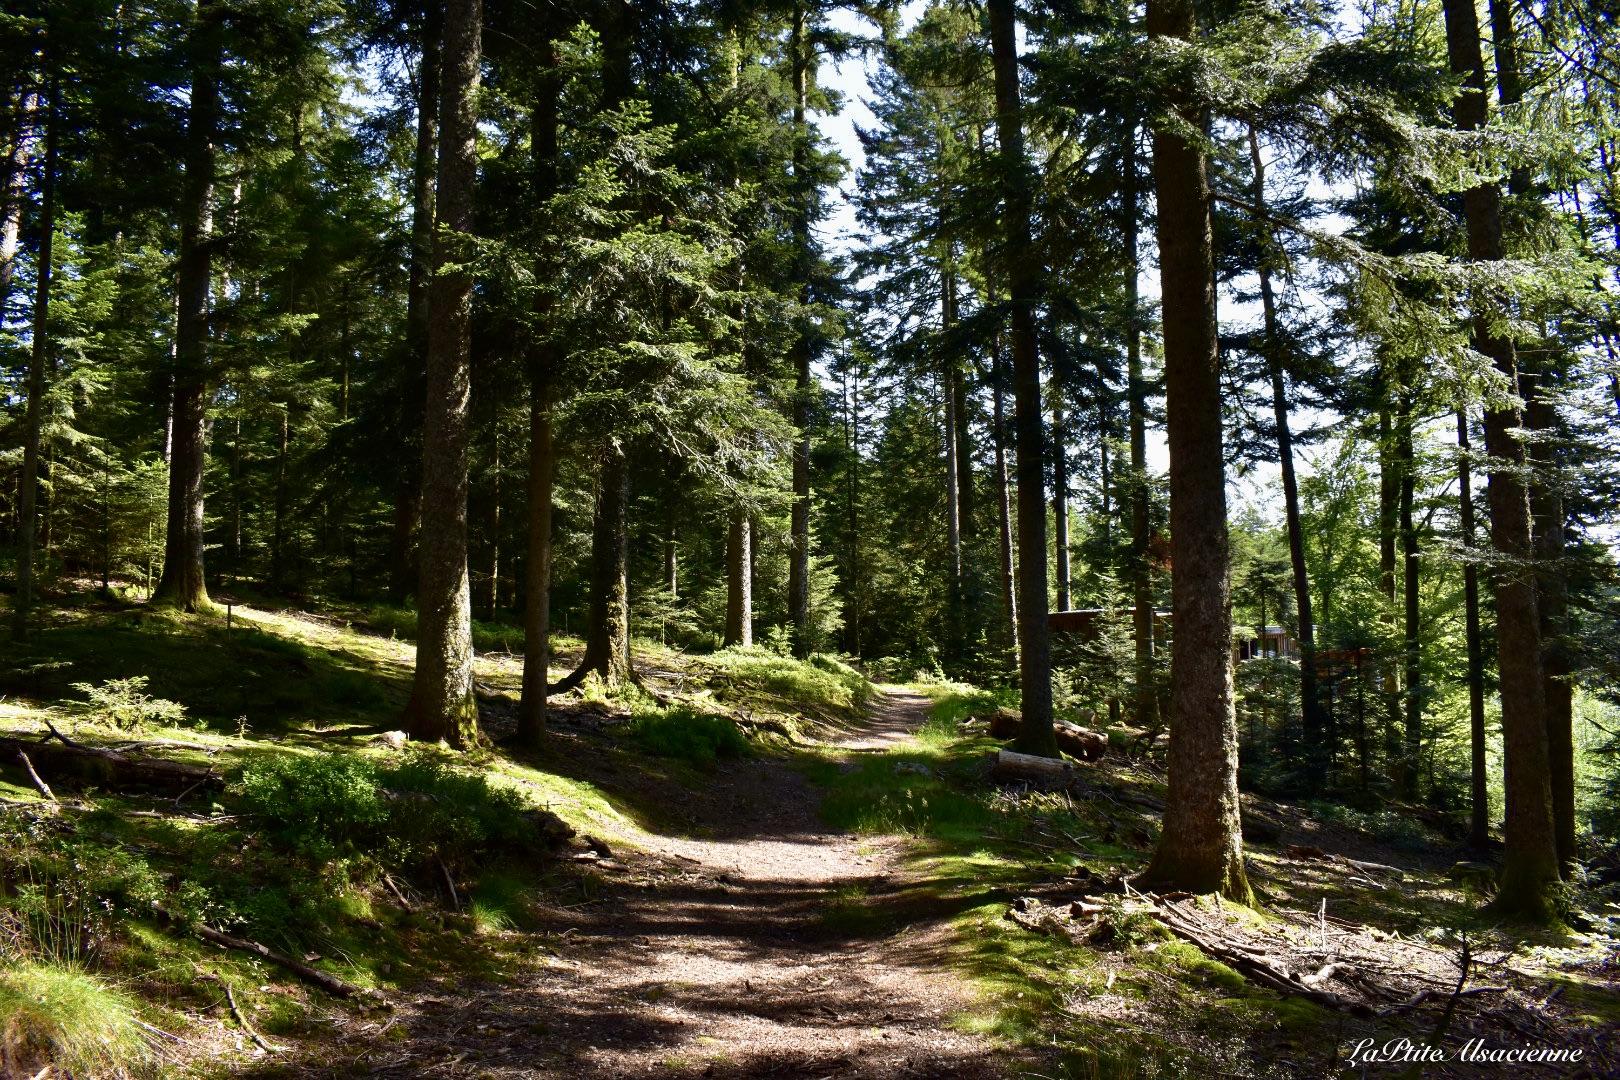 La forêt communale d'Herpelmont à Champdray, lieu où les Nids des Vosges sont installés. Photo de Cendrine Miesch dite LaPtiteAlsacienne